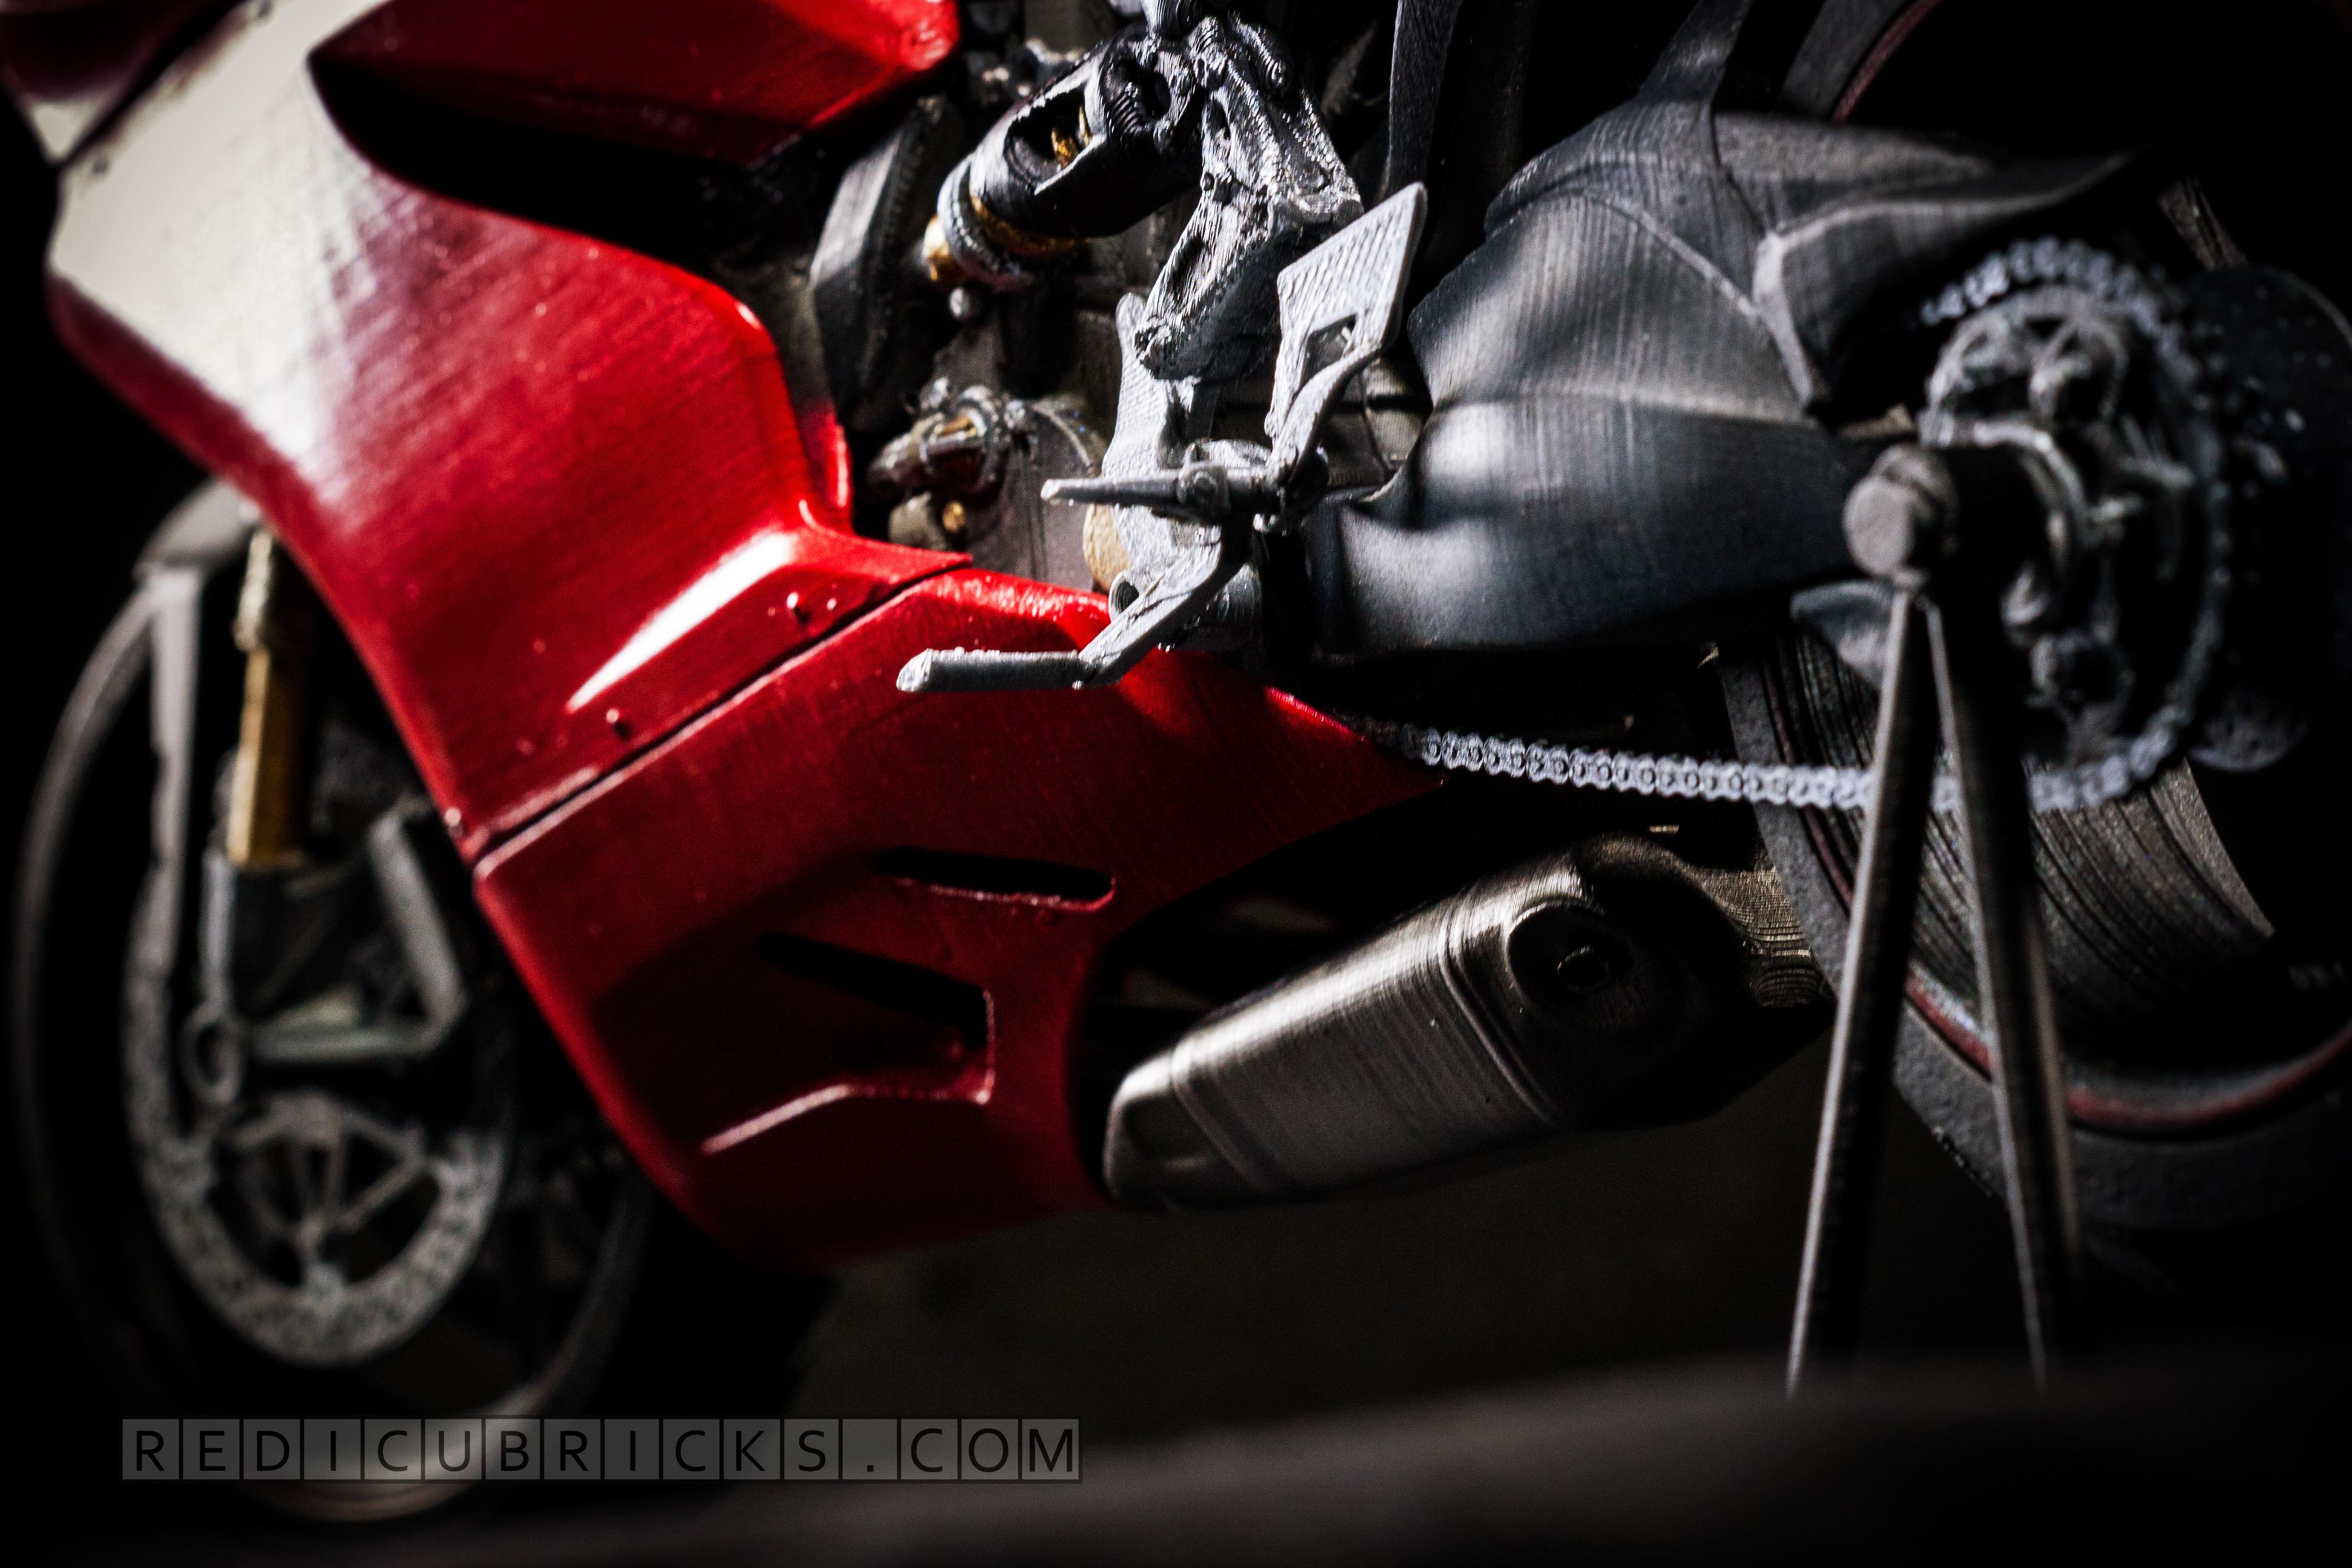 014-Ducati3D.jpg